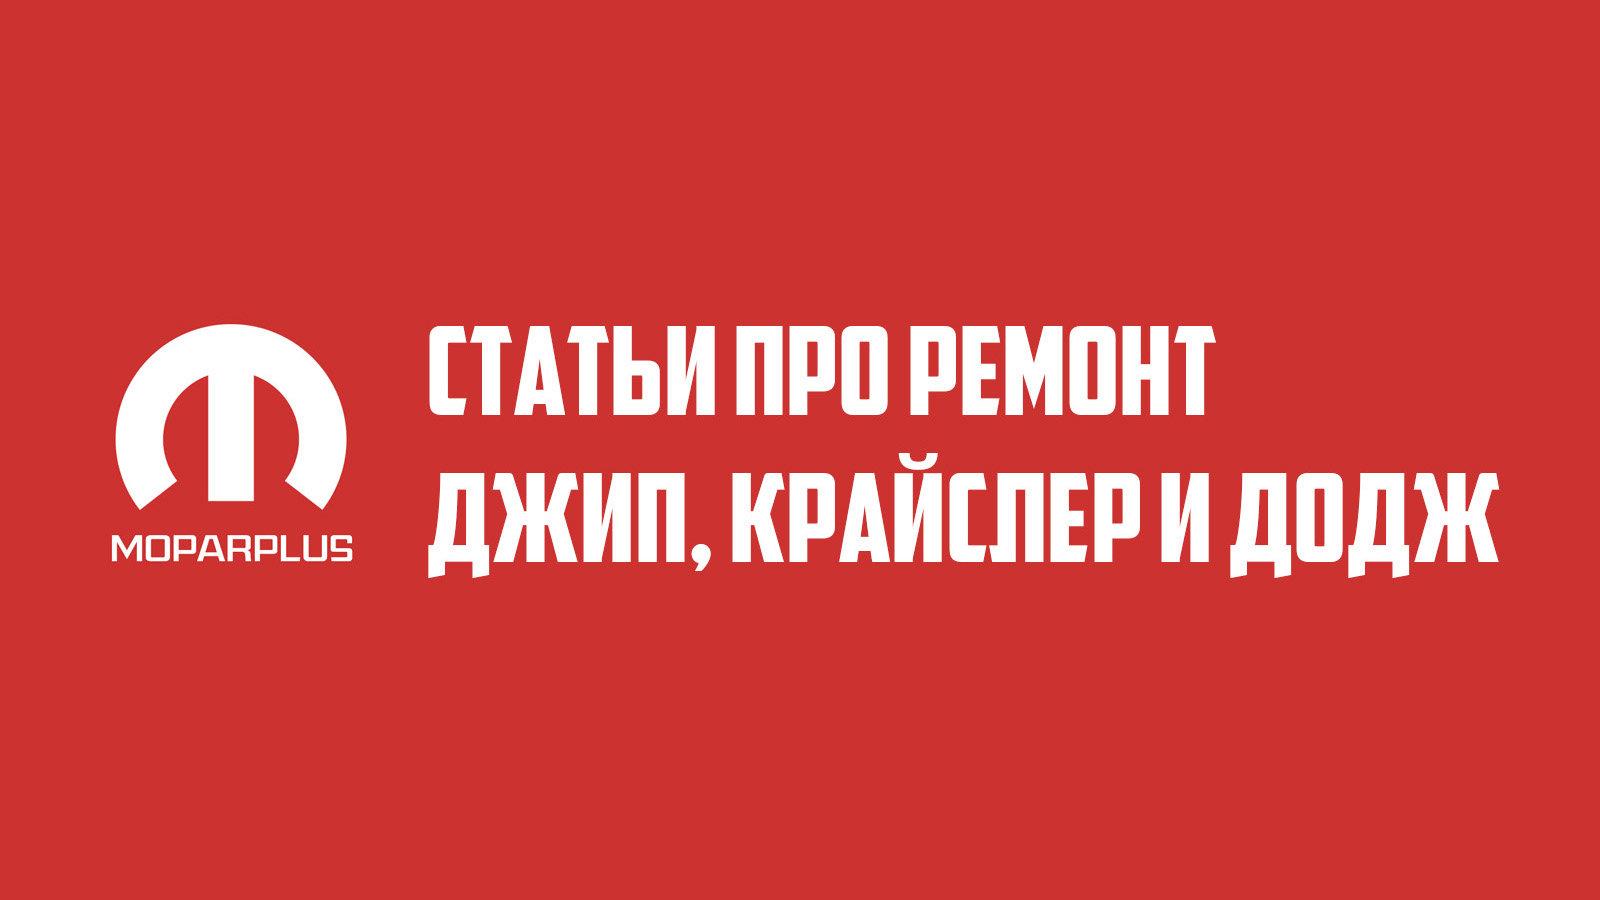 Статьи про ремонт. Выпуск №12.